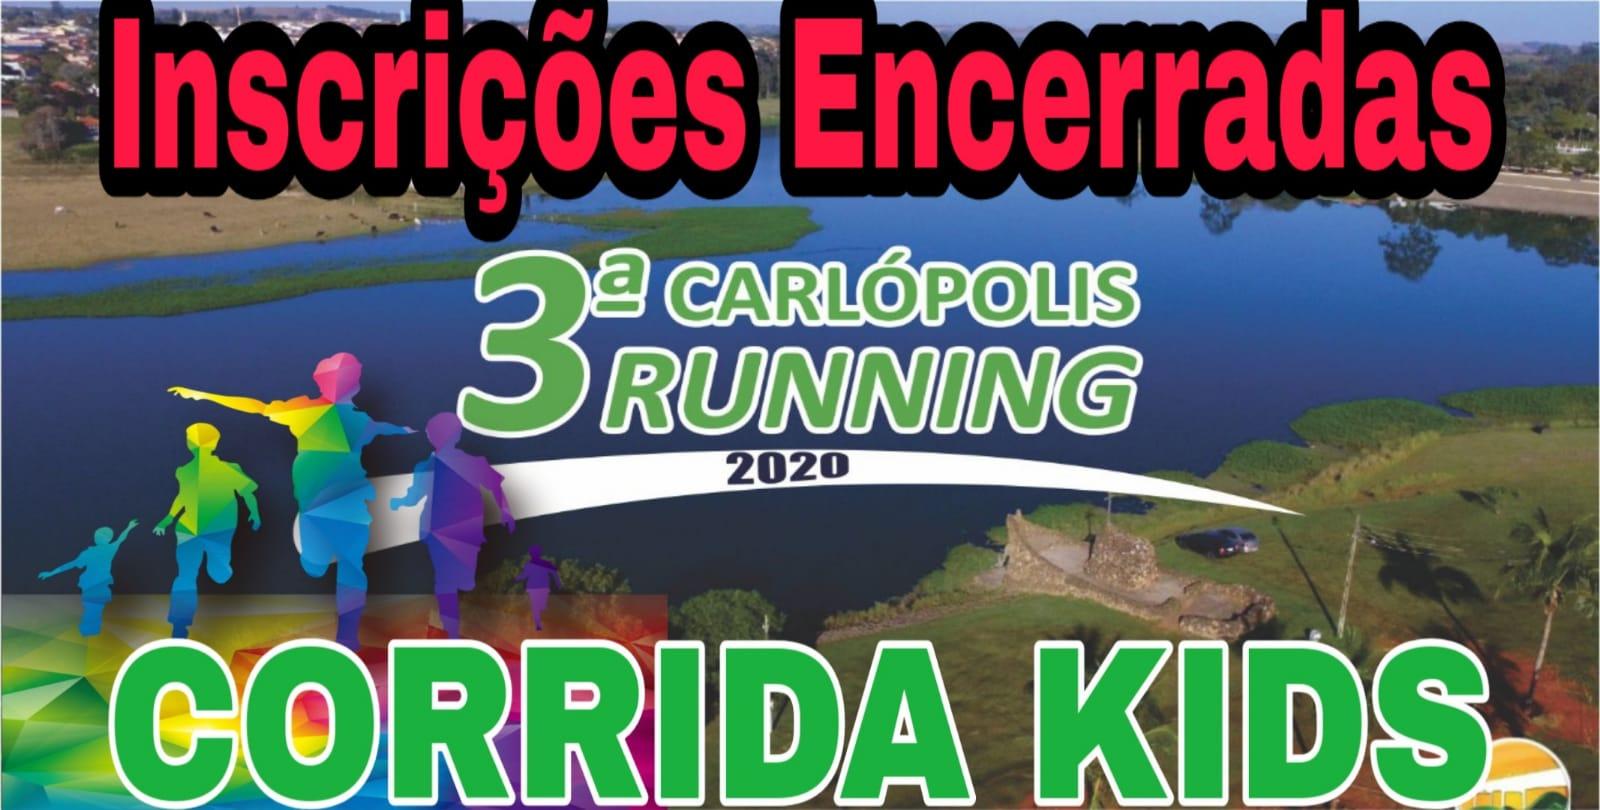 3ª CARLÓPOLIS RUNNING KIDS 2020